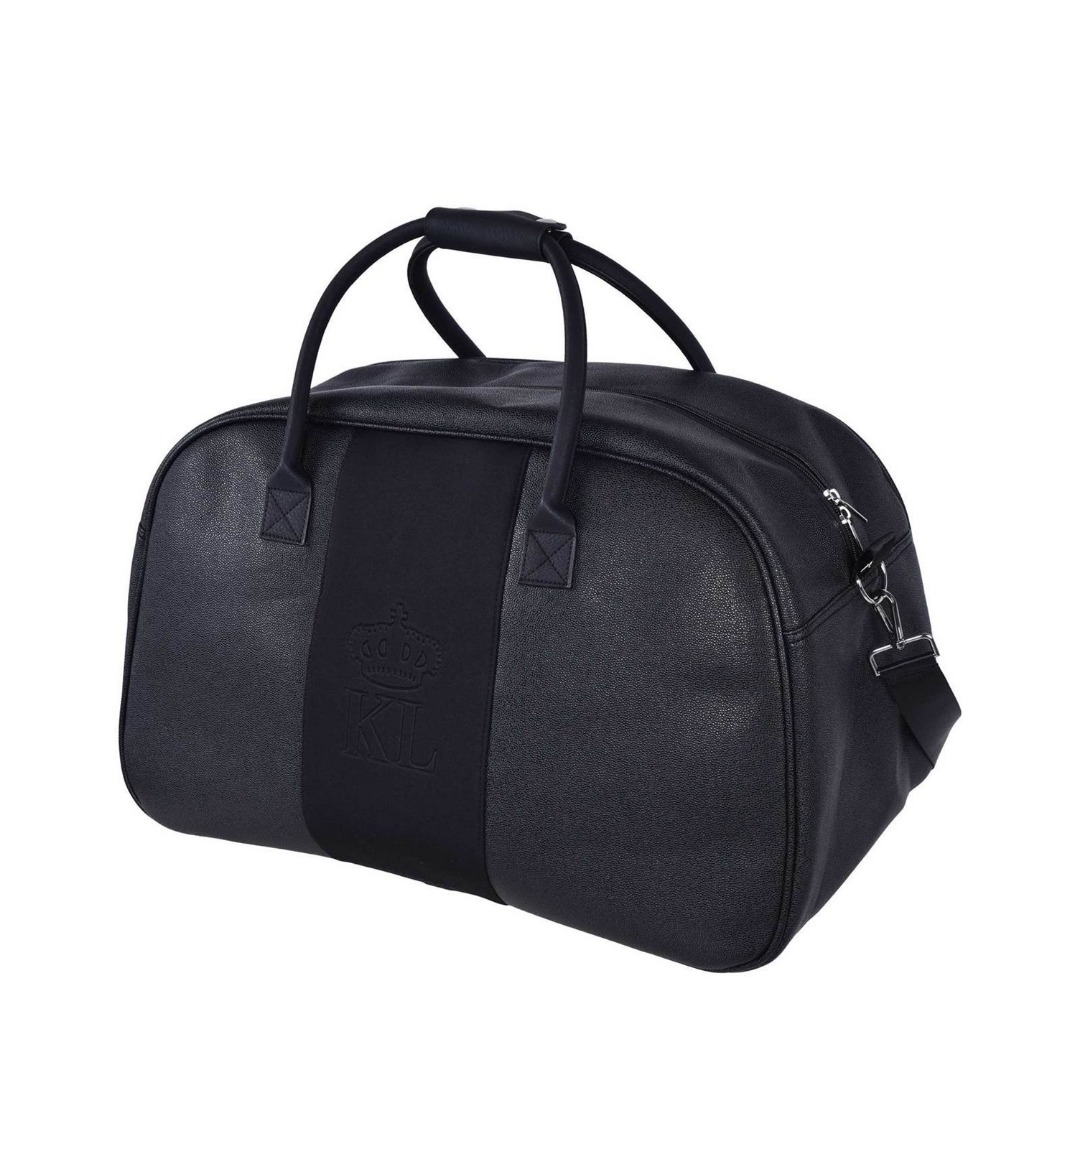 Kingsland Selawik Weekend Bag Black 1